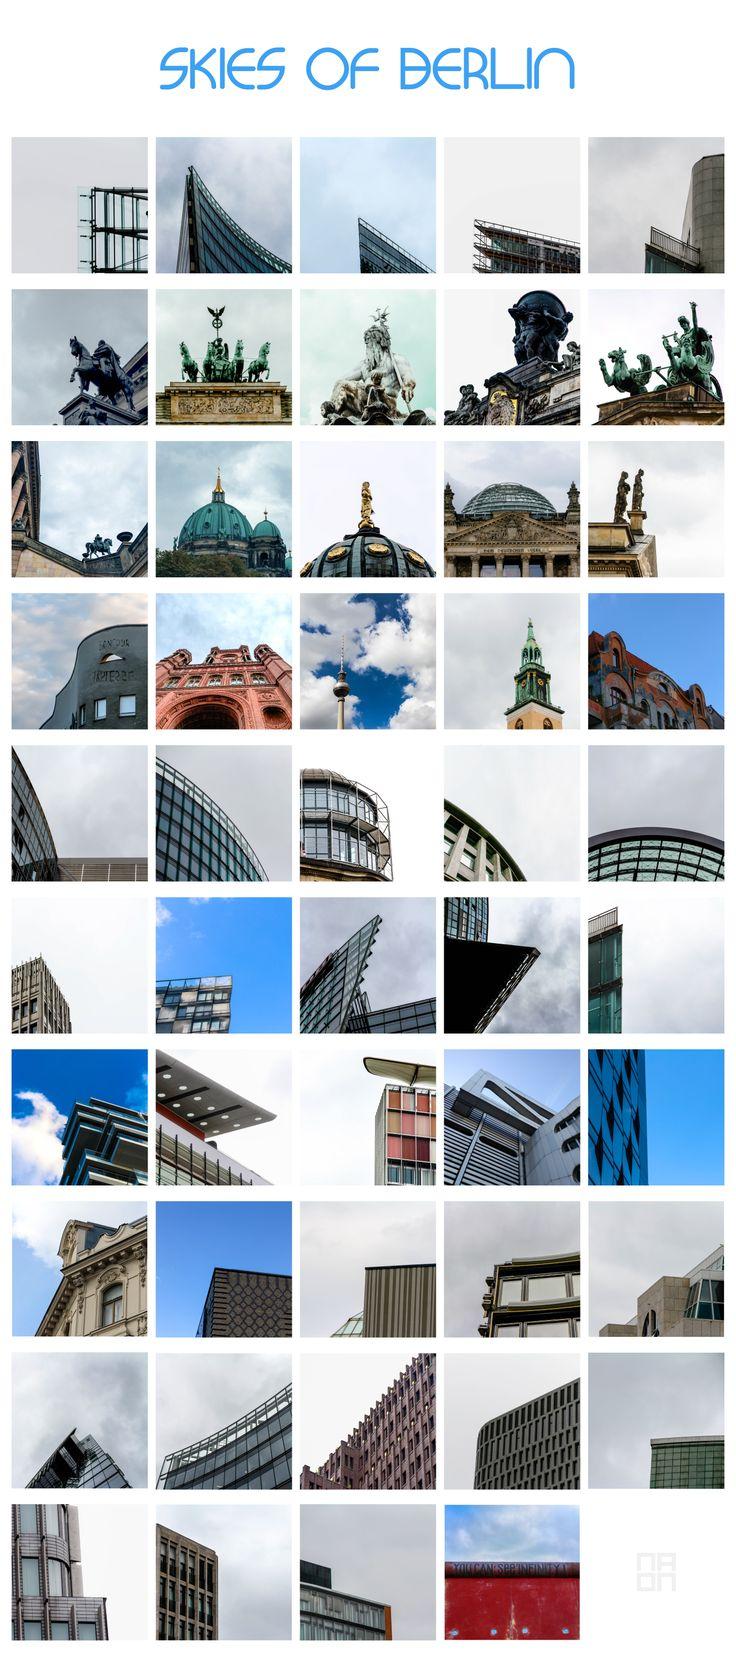 """Consultate il mio progetto @Behance: """"SKIES OF BERLIN""""…"""